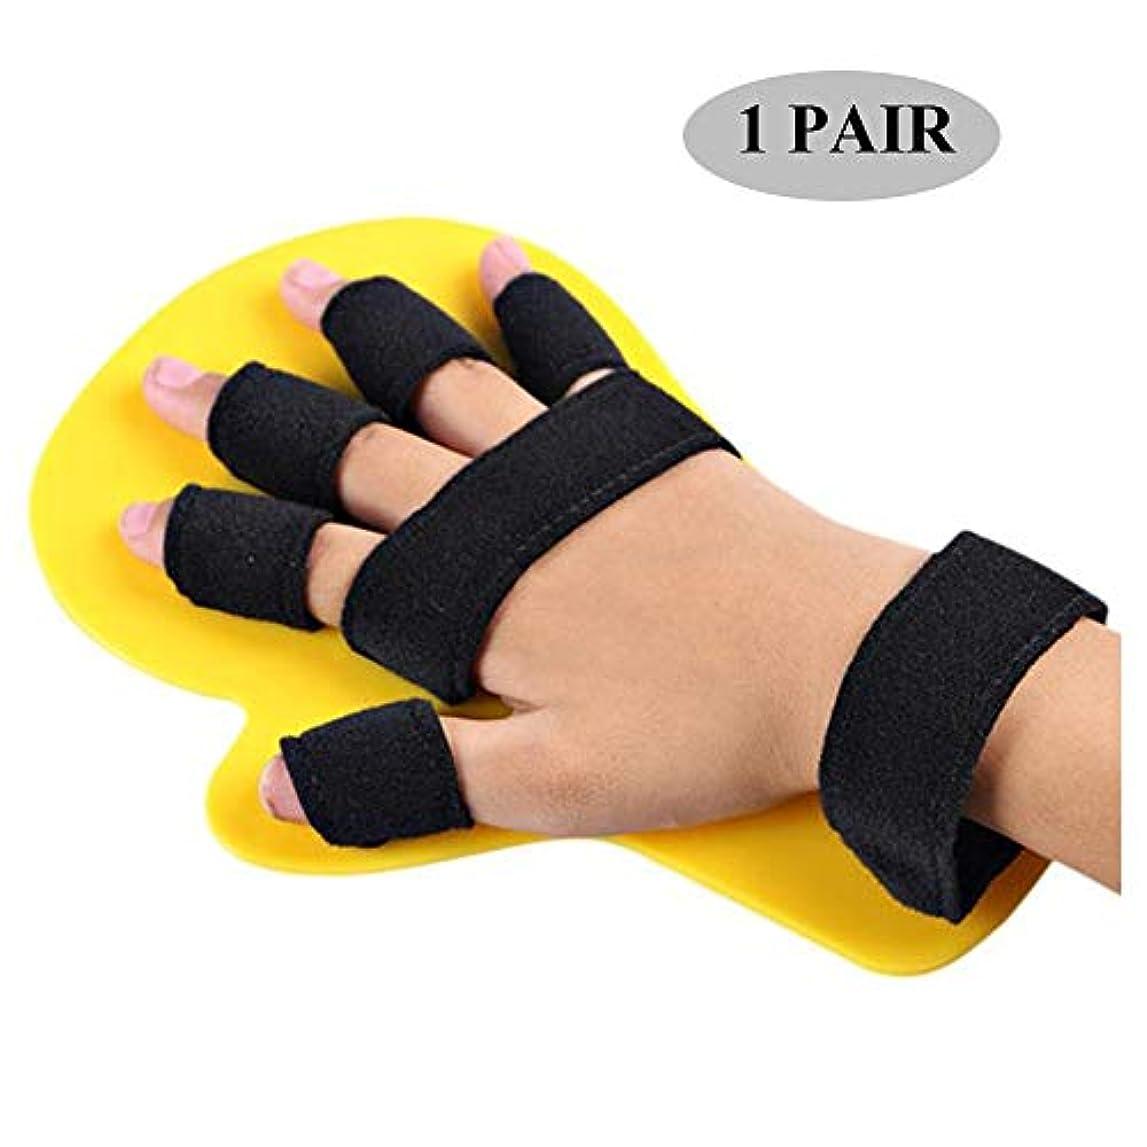 ソーシャル最近知り合い指の副木指板、指セパレーター拡張ボード、手のリハビリテーションのための手首のトレーニング装具,イエロー,1~5long1PAIR